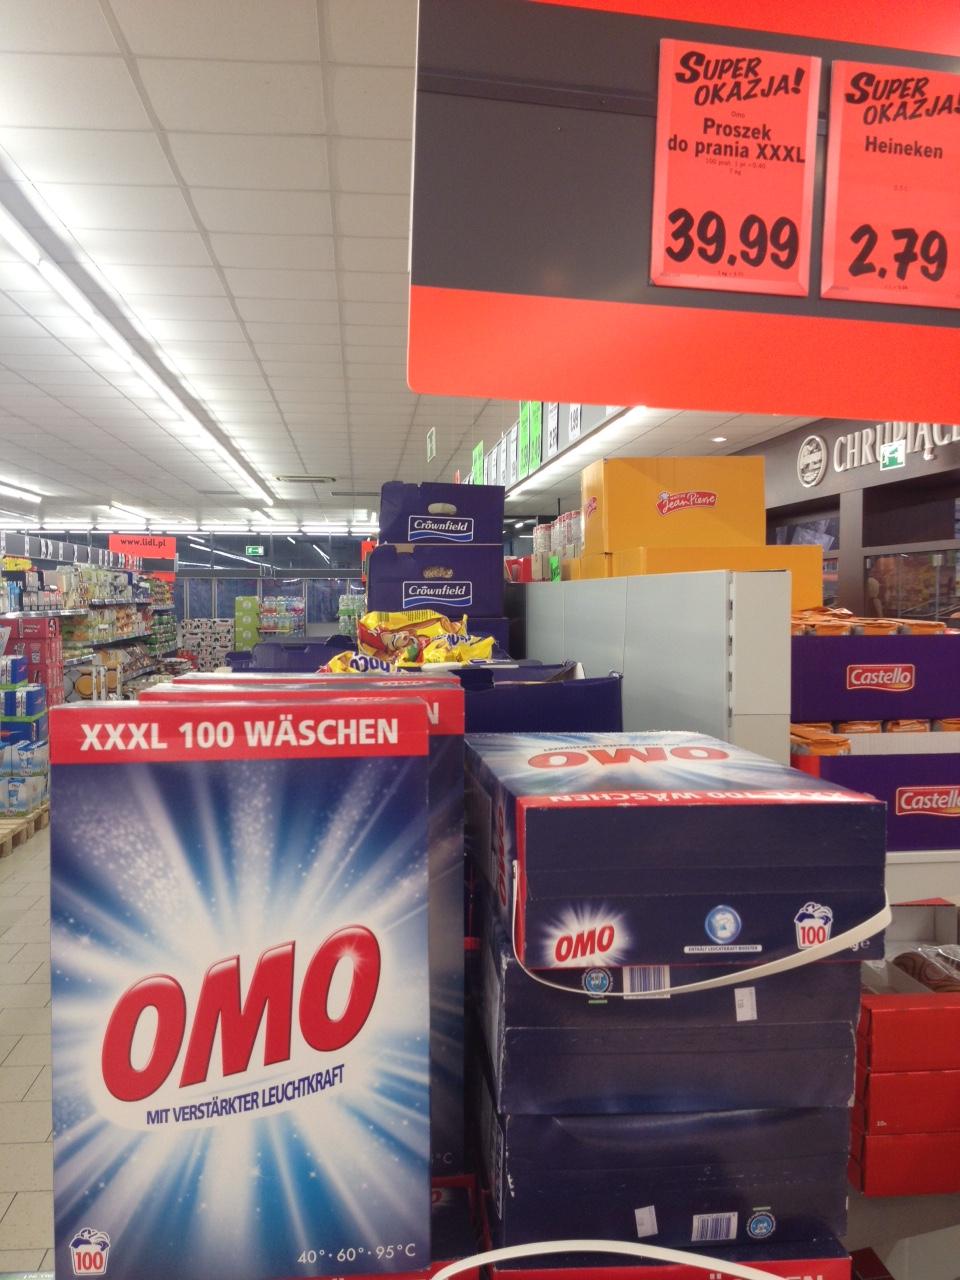 Proszek do prania OMO w formacie XXXL 100 prań za 39,99zł @ Lidl